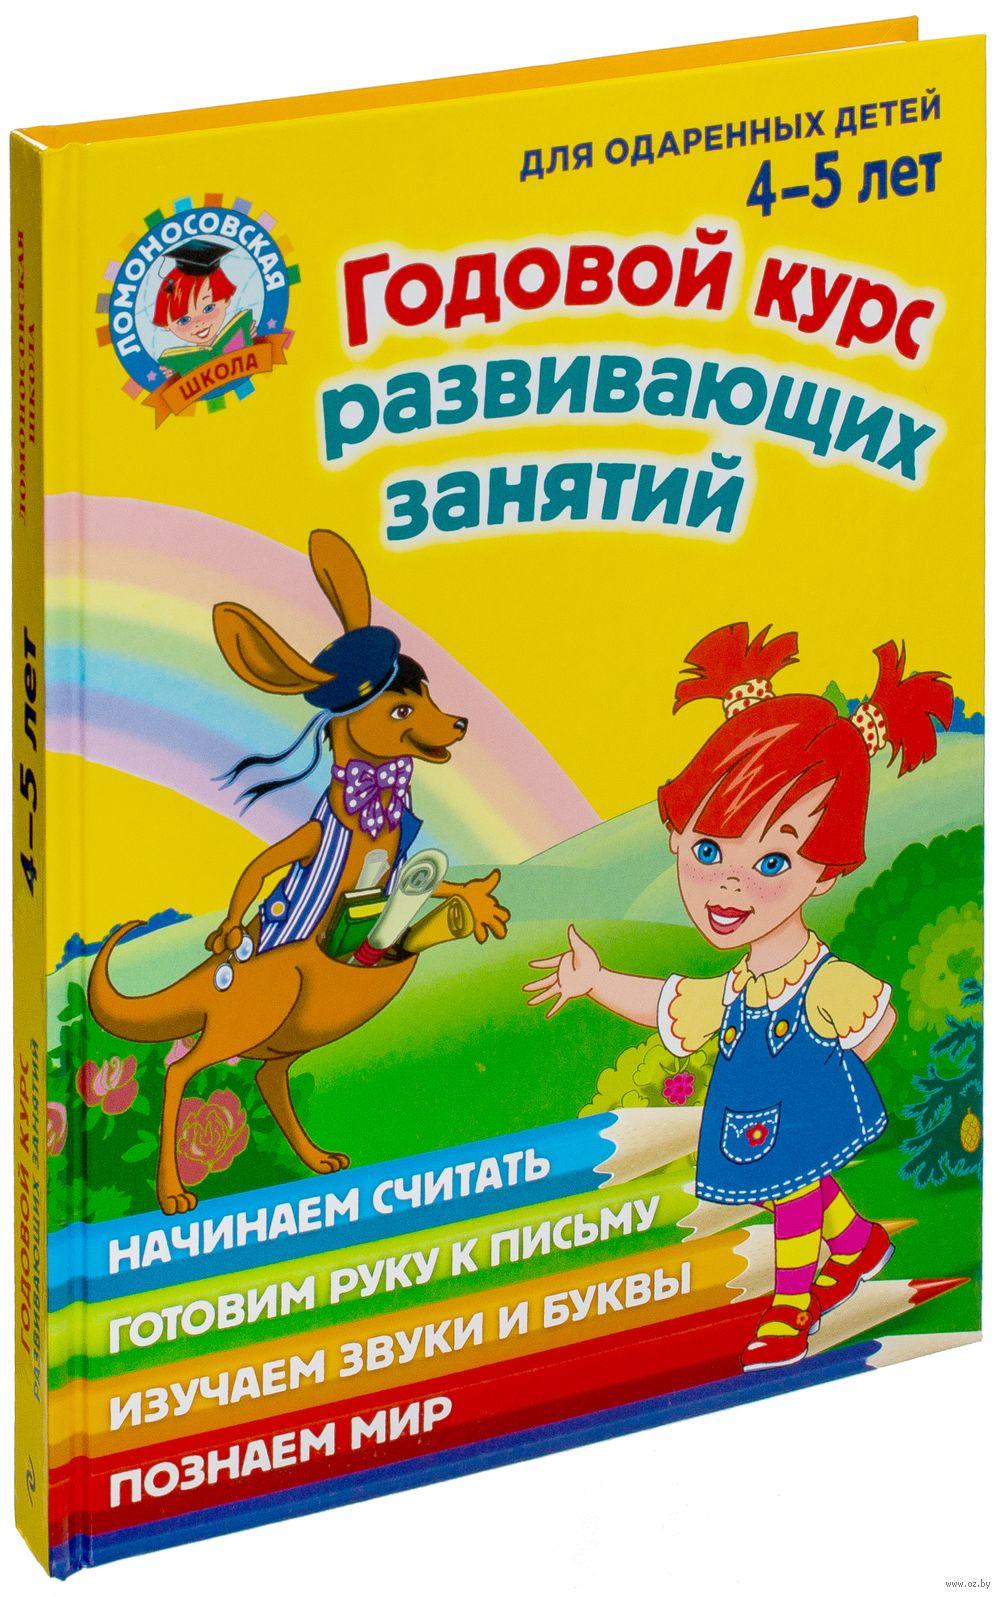 Н. в. володина, в. а. егупова, е. а. пьянкова, с. в. пятак годовой курс развивающих занятий. для одаренных детей 4-5 лет